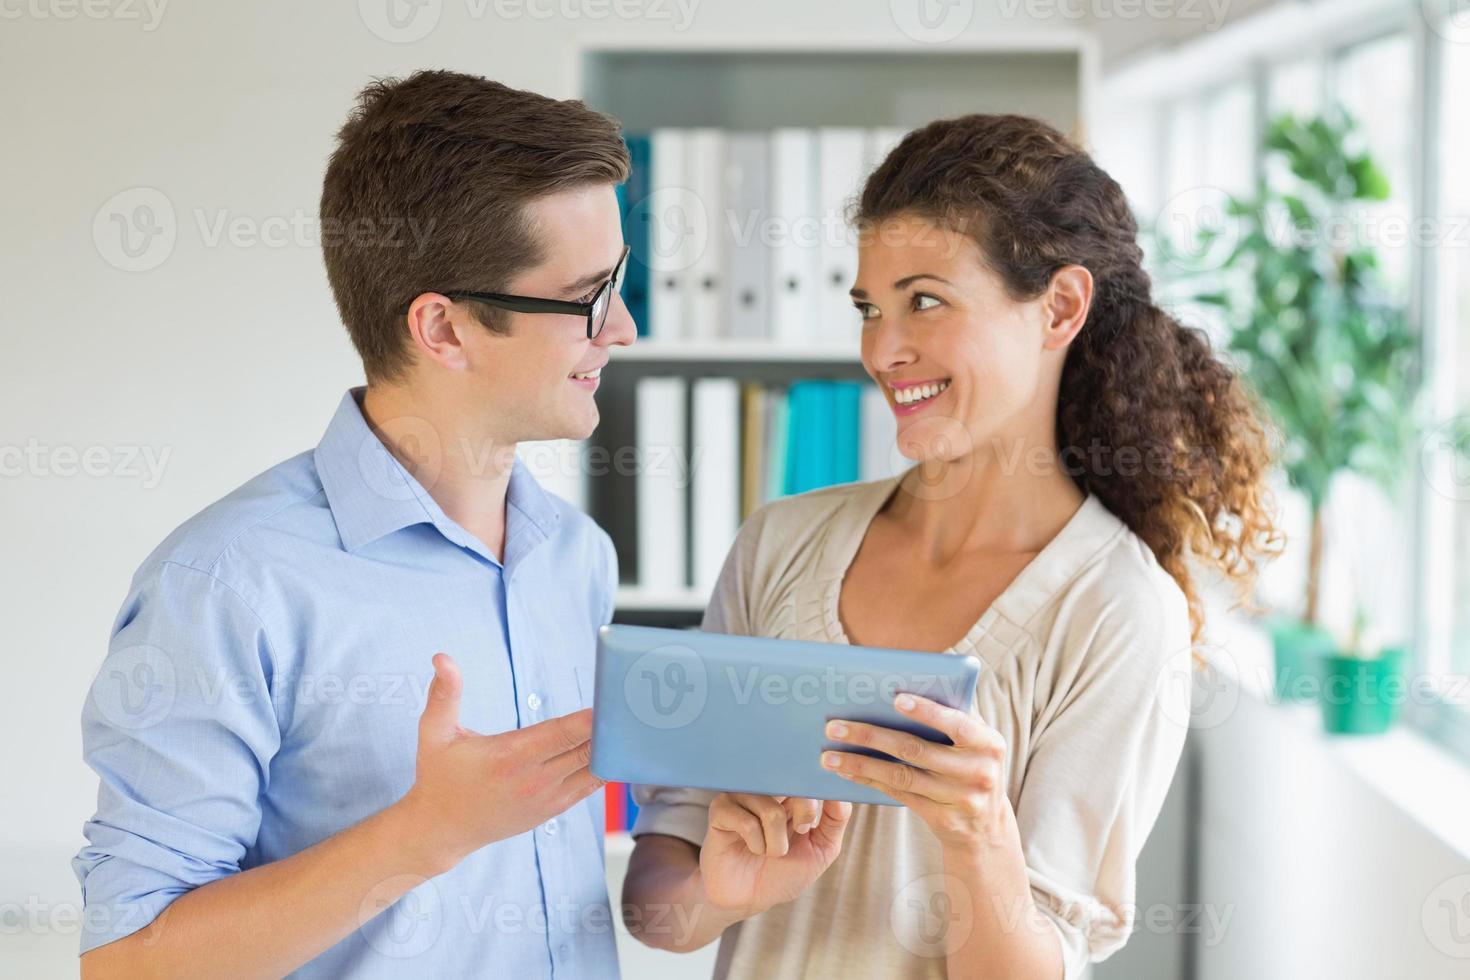 mensen uit het bedrijfsleven communiceren via digitale tablet foto